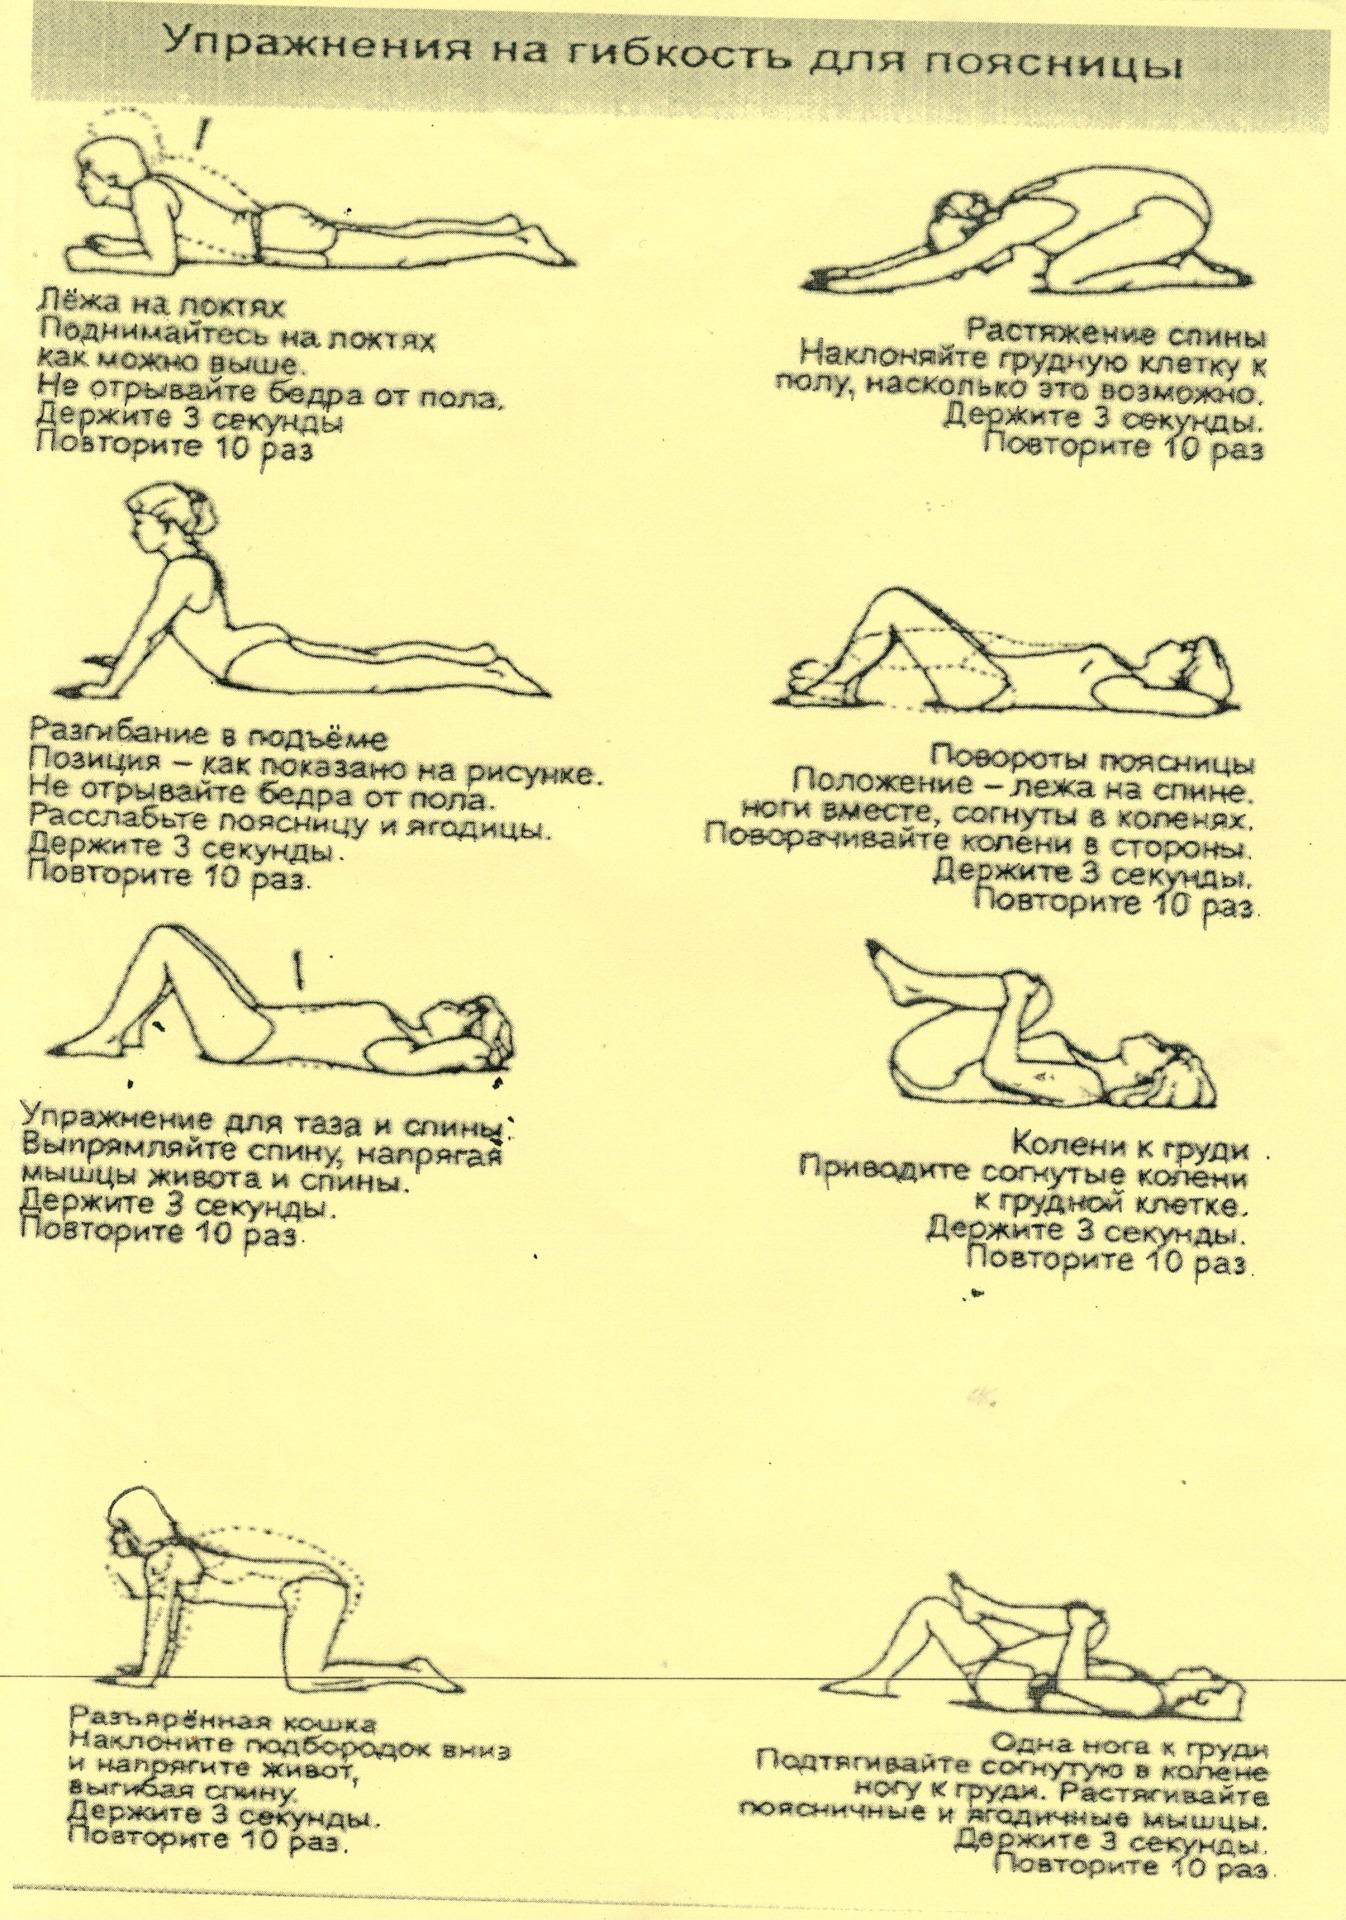 Упражнения для гибкости домашних условиях 702